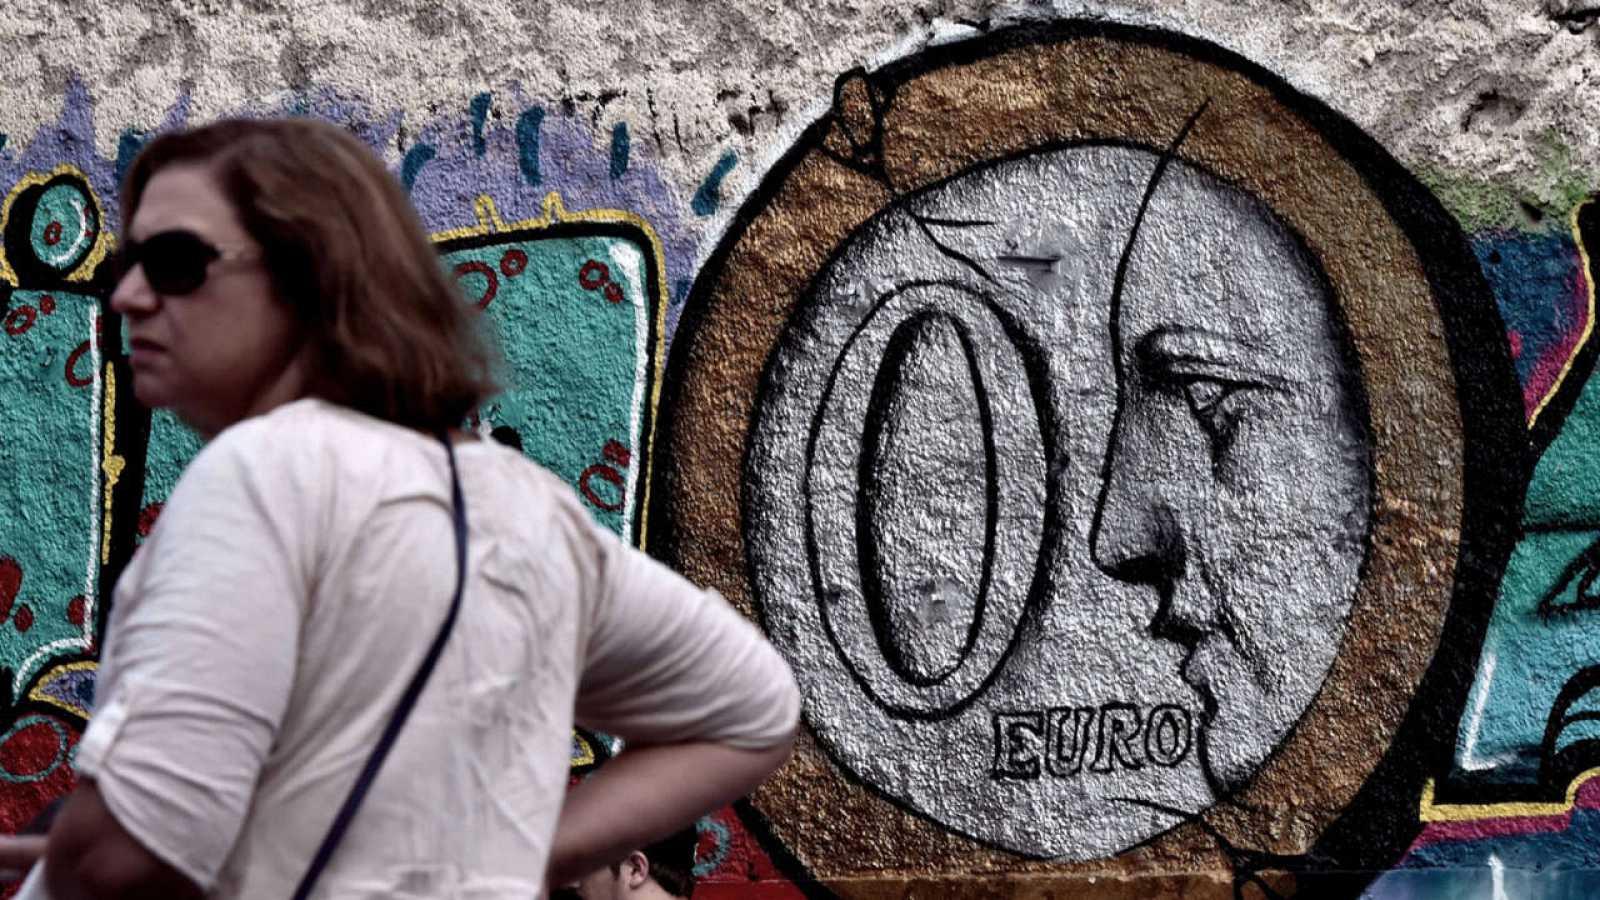 Una mujer, delante de un graffiti que muestra una moneda de cero euror en una calle del centro de Atenas